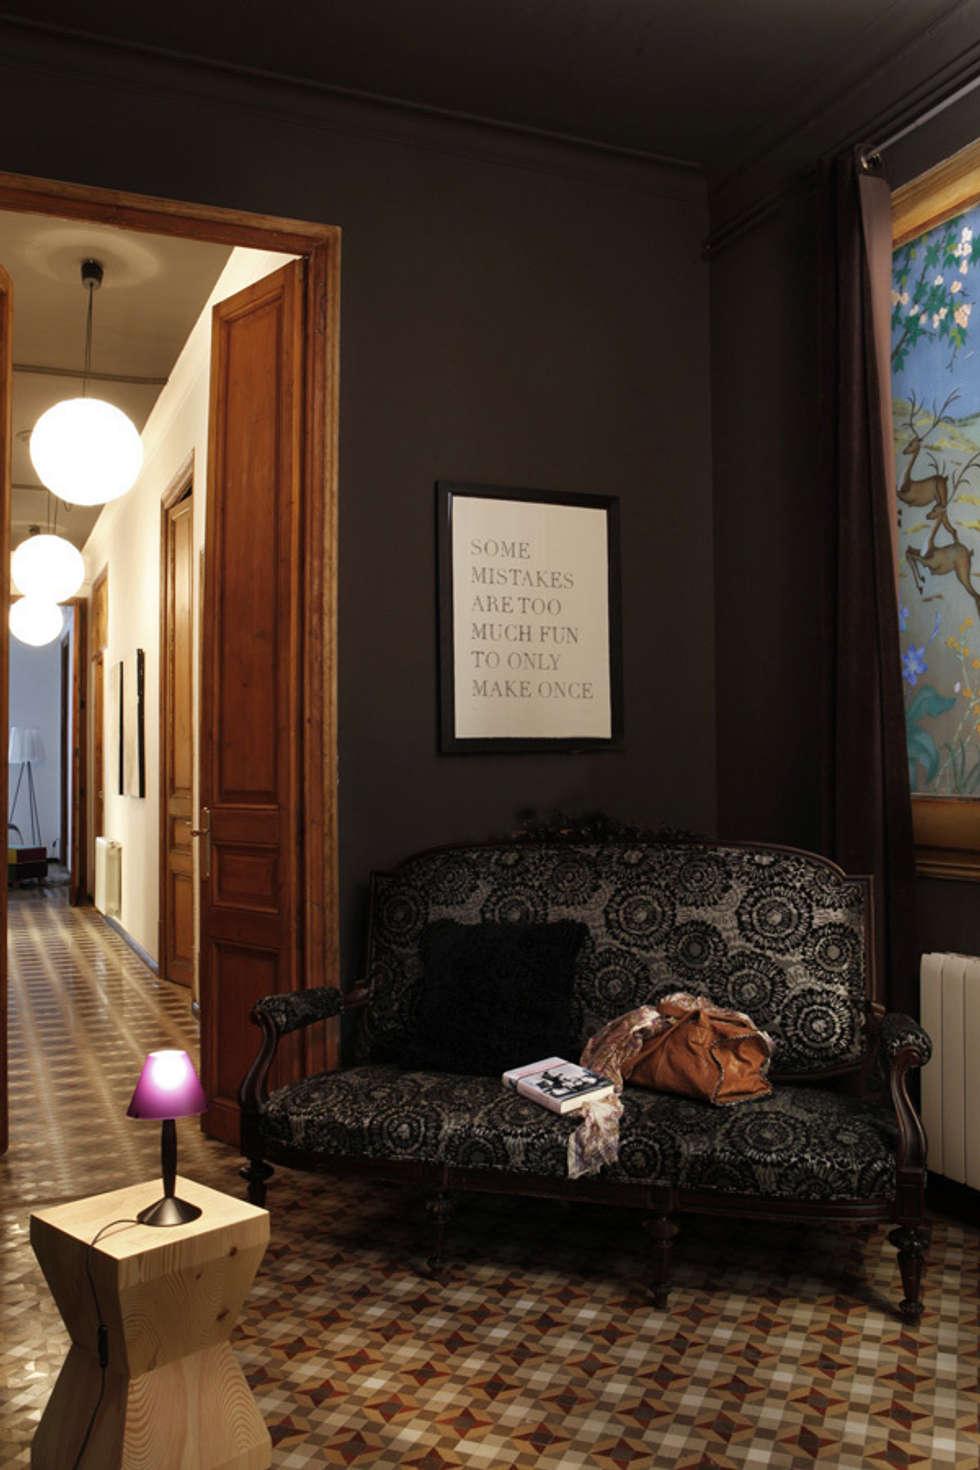 Fotos de decoraci n y dise o de interiores homify for Decoracion piso eixample